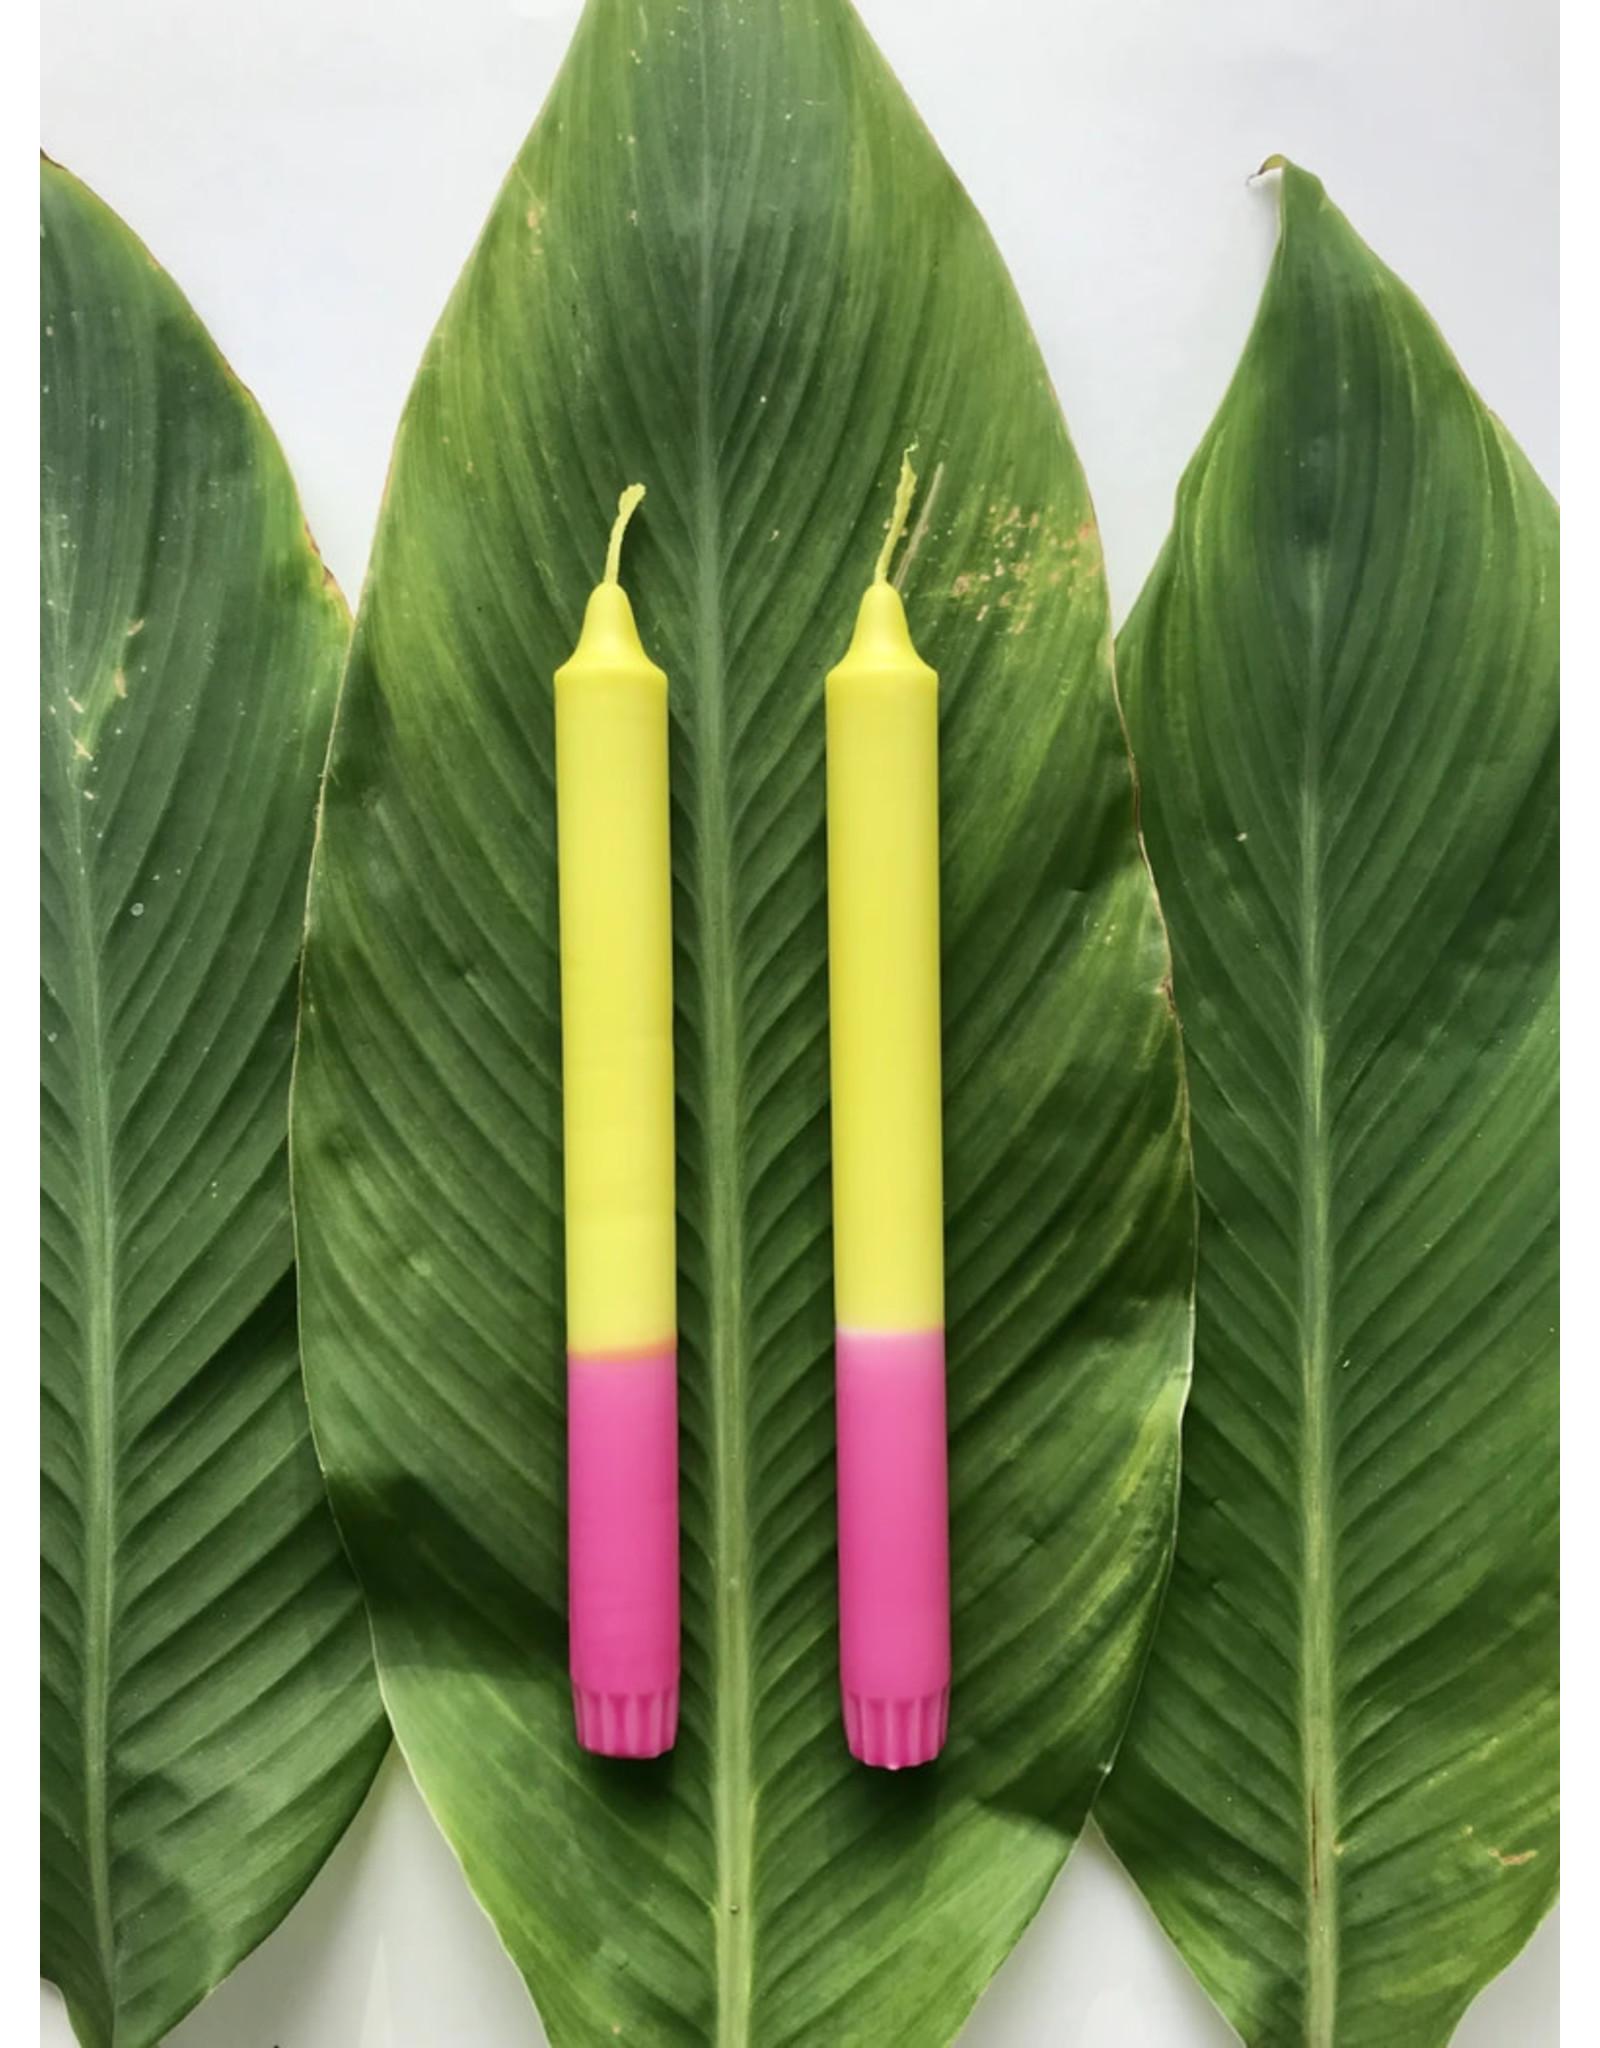 Studio-Sturmblau Kaars  1st.- Green & Pink - 2,3 x 25 cm - Hand dipped - Brandtijd 7u